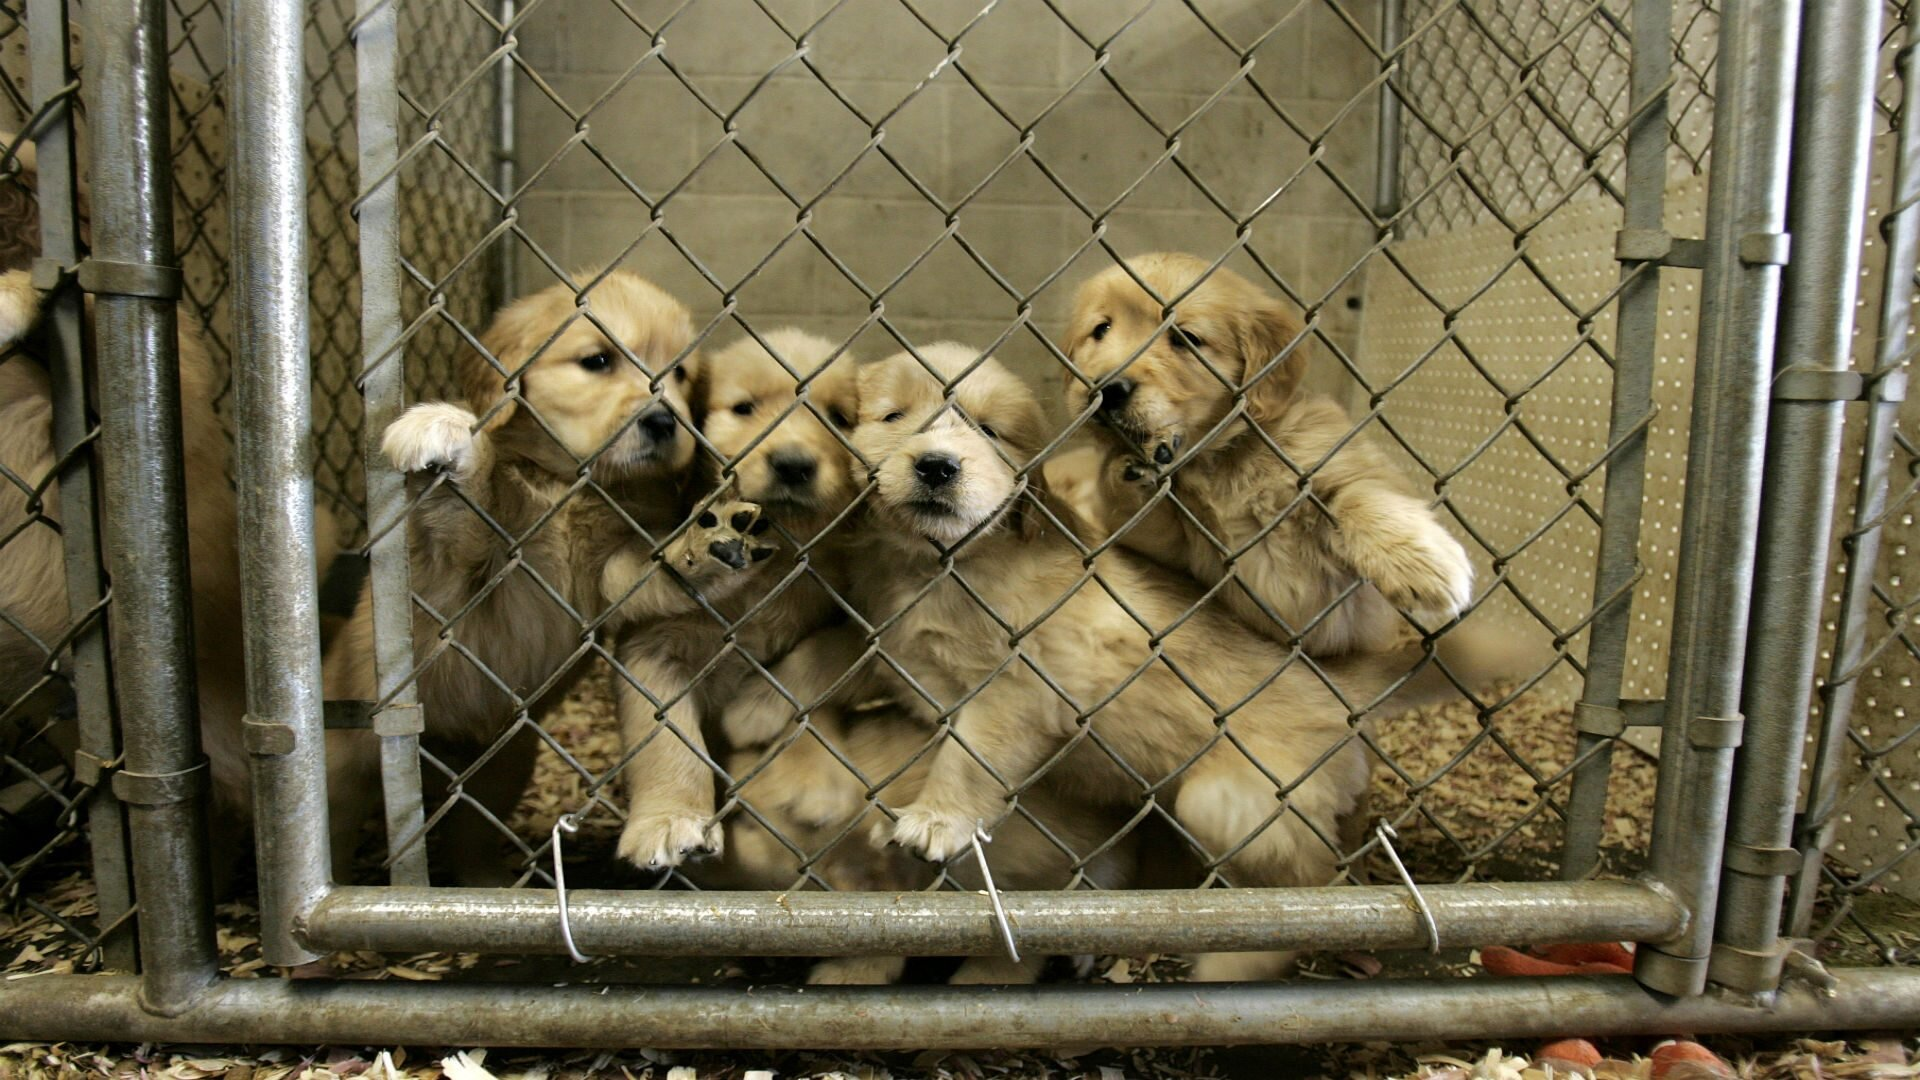 puppy-mill-legislation-1920x1080.jpg